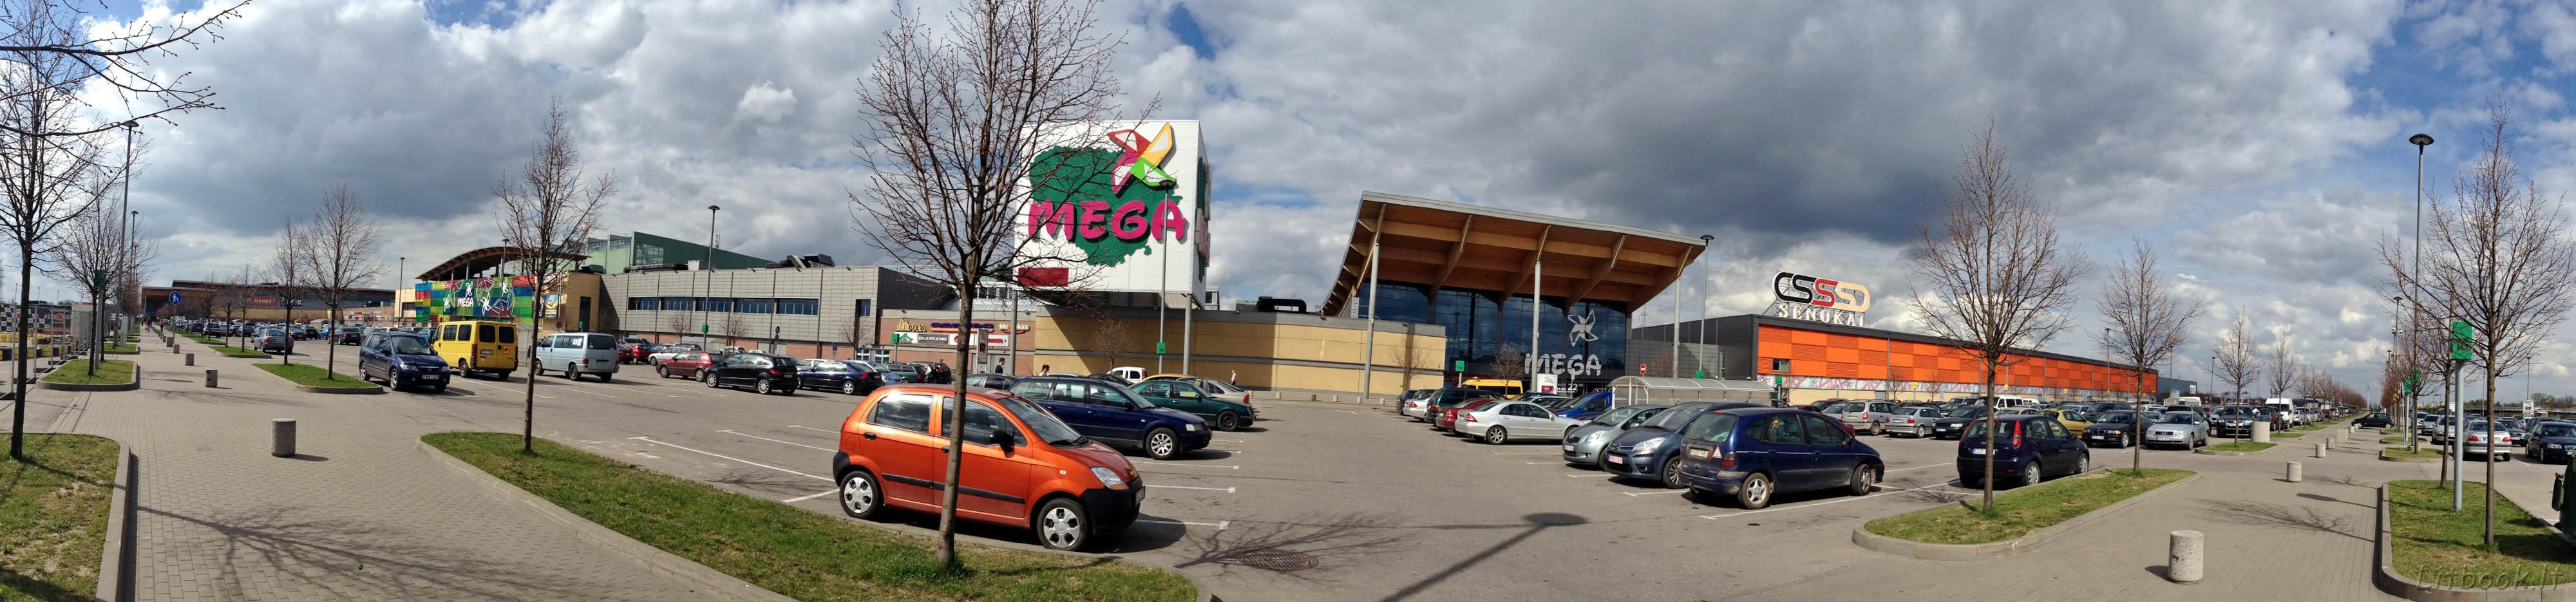 ТЦ Мега, Каунас, Литва